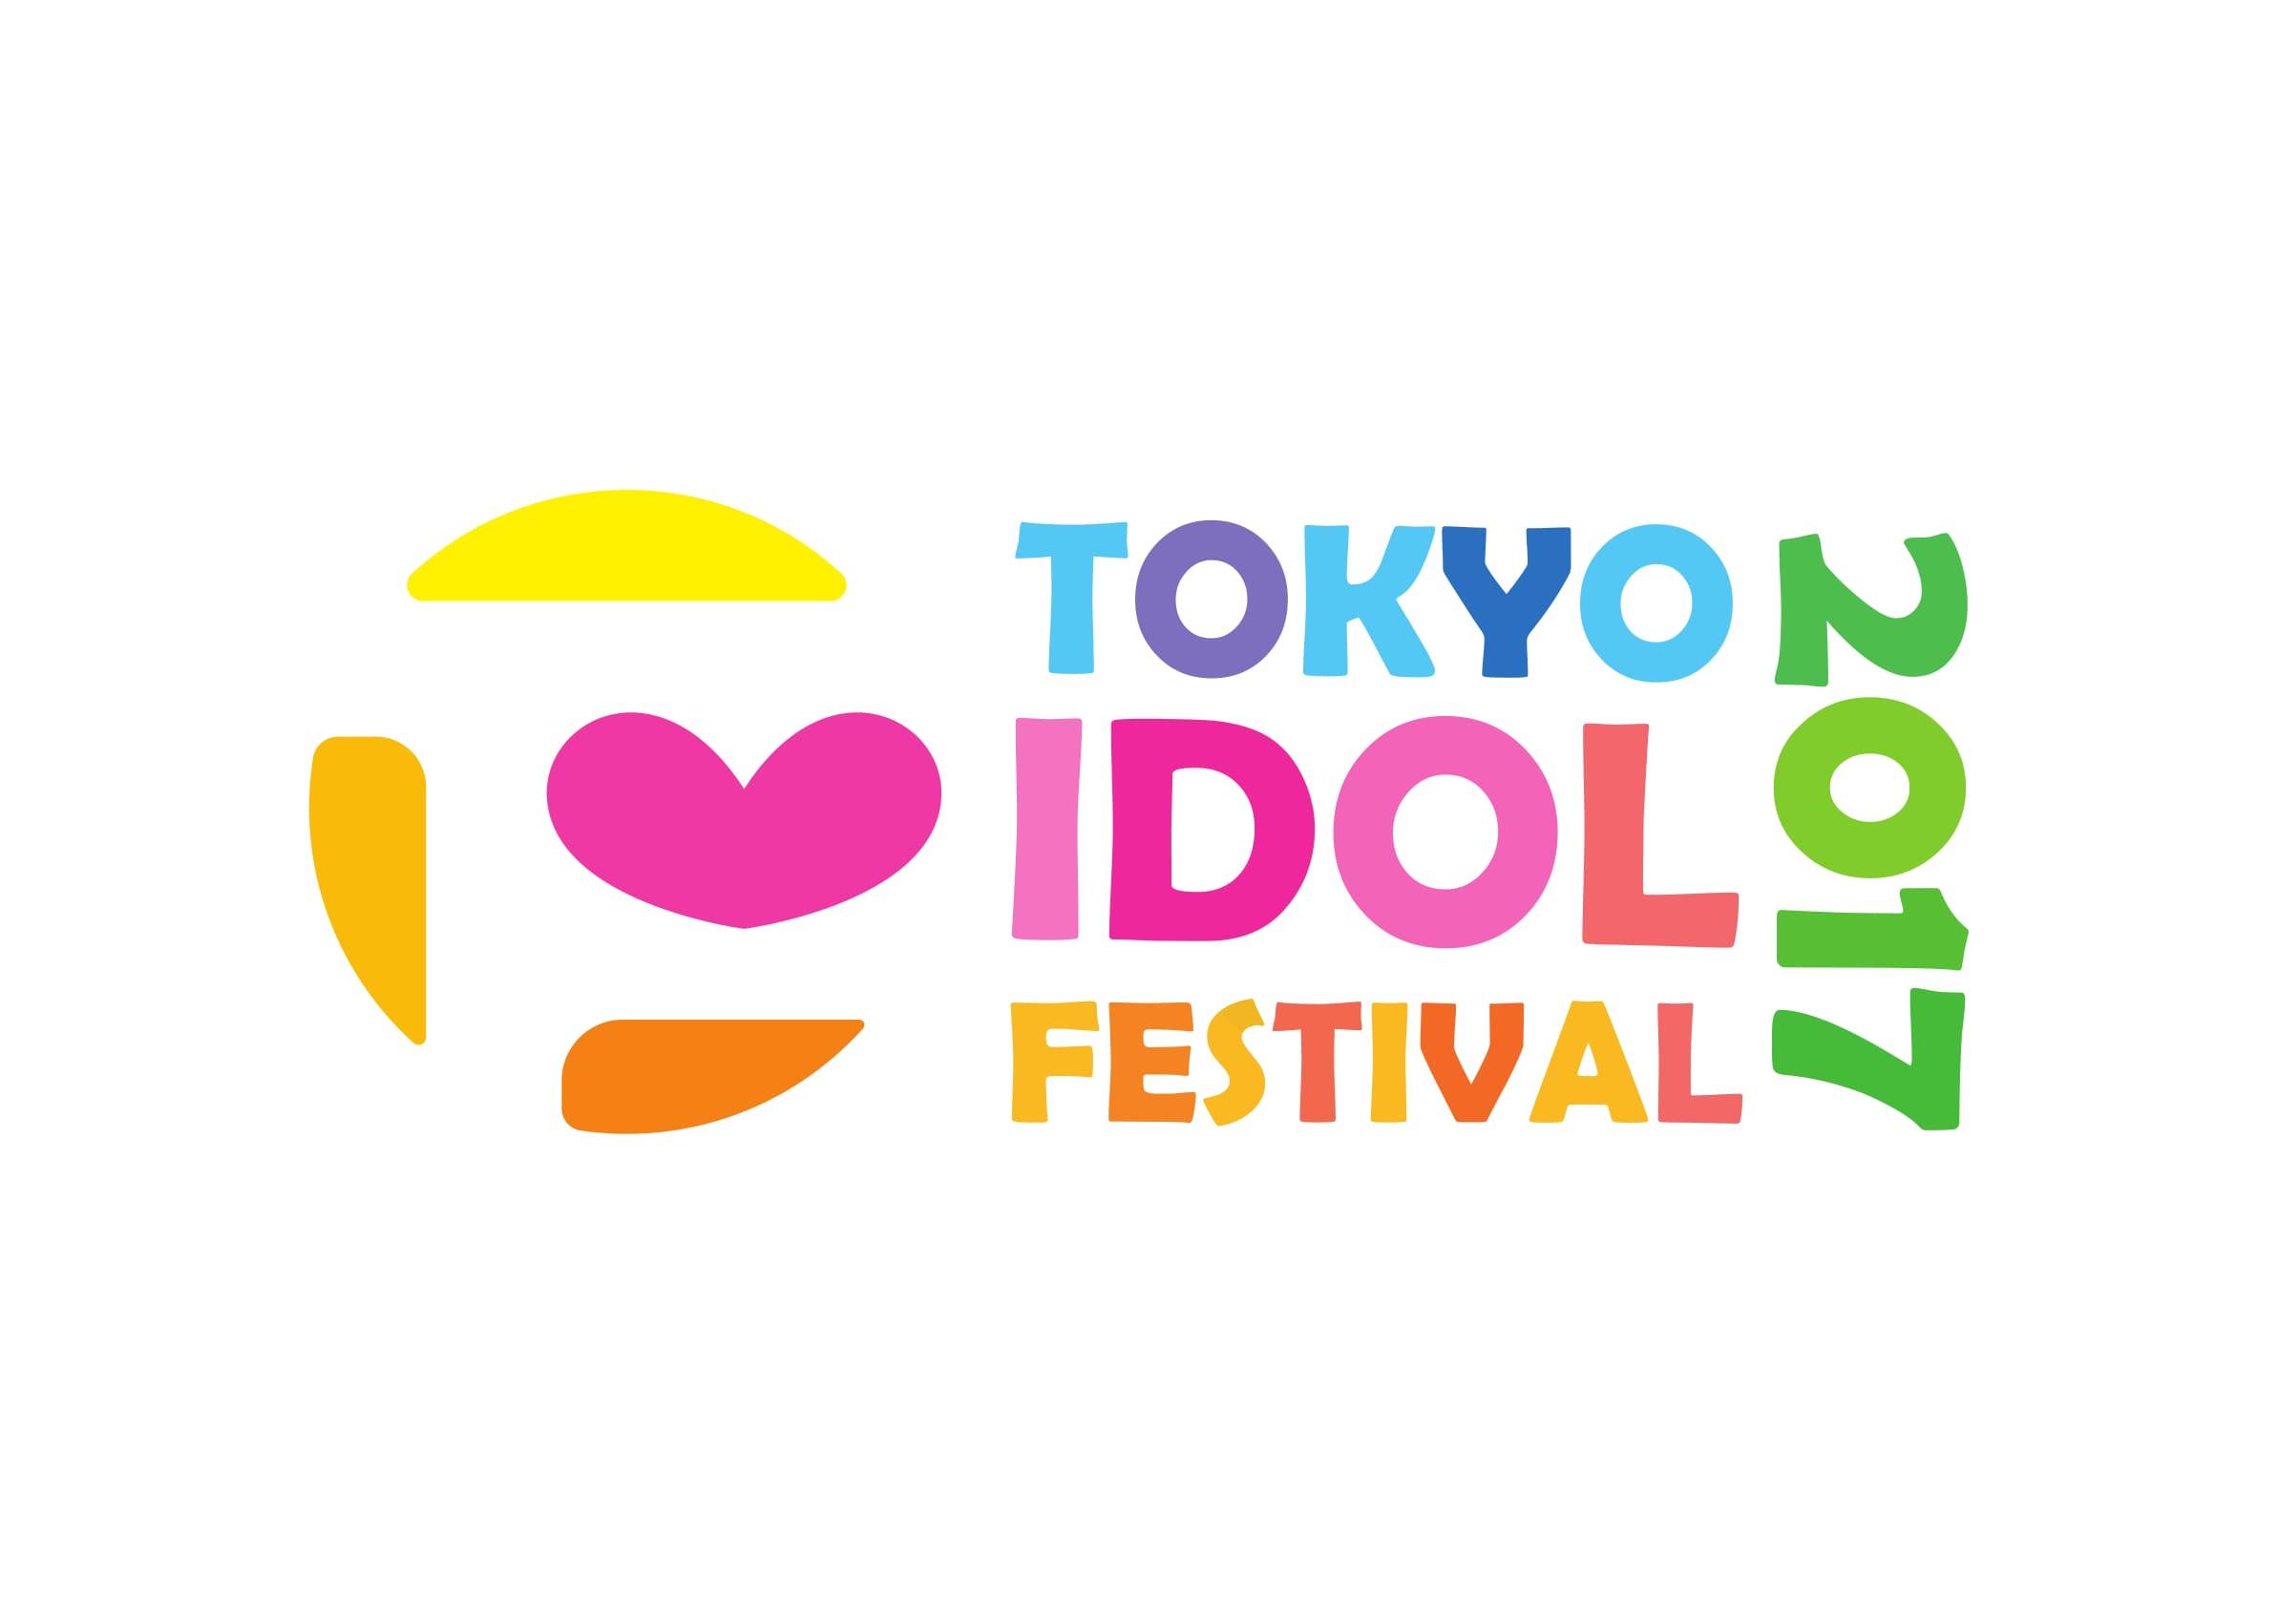 Tokyo Idol Festival 2017 ile ilgili görsel sonucu